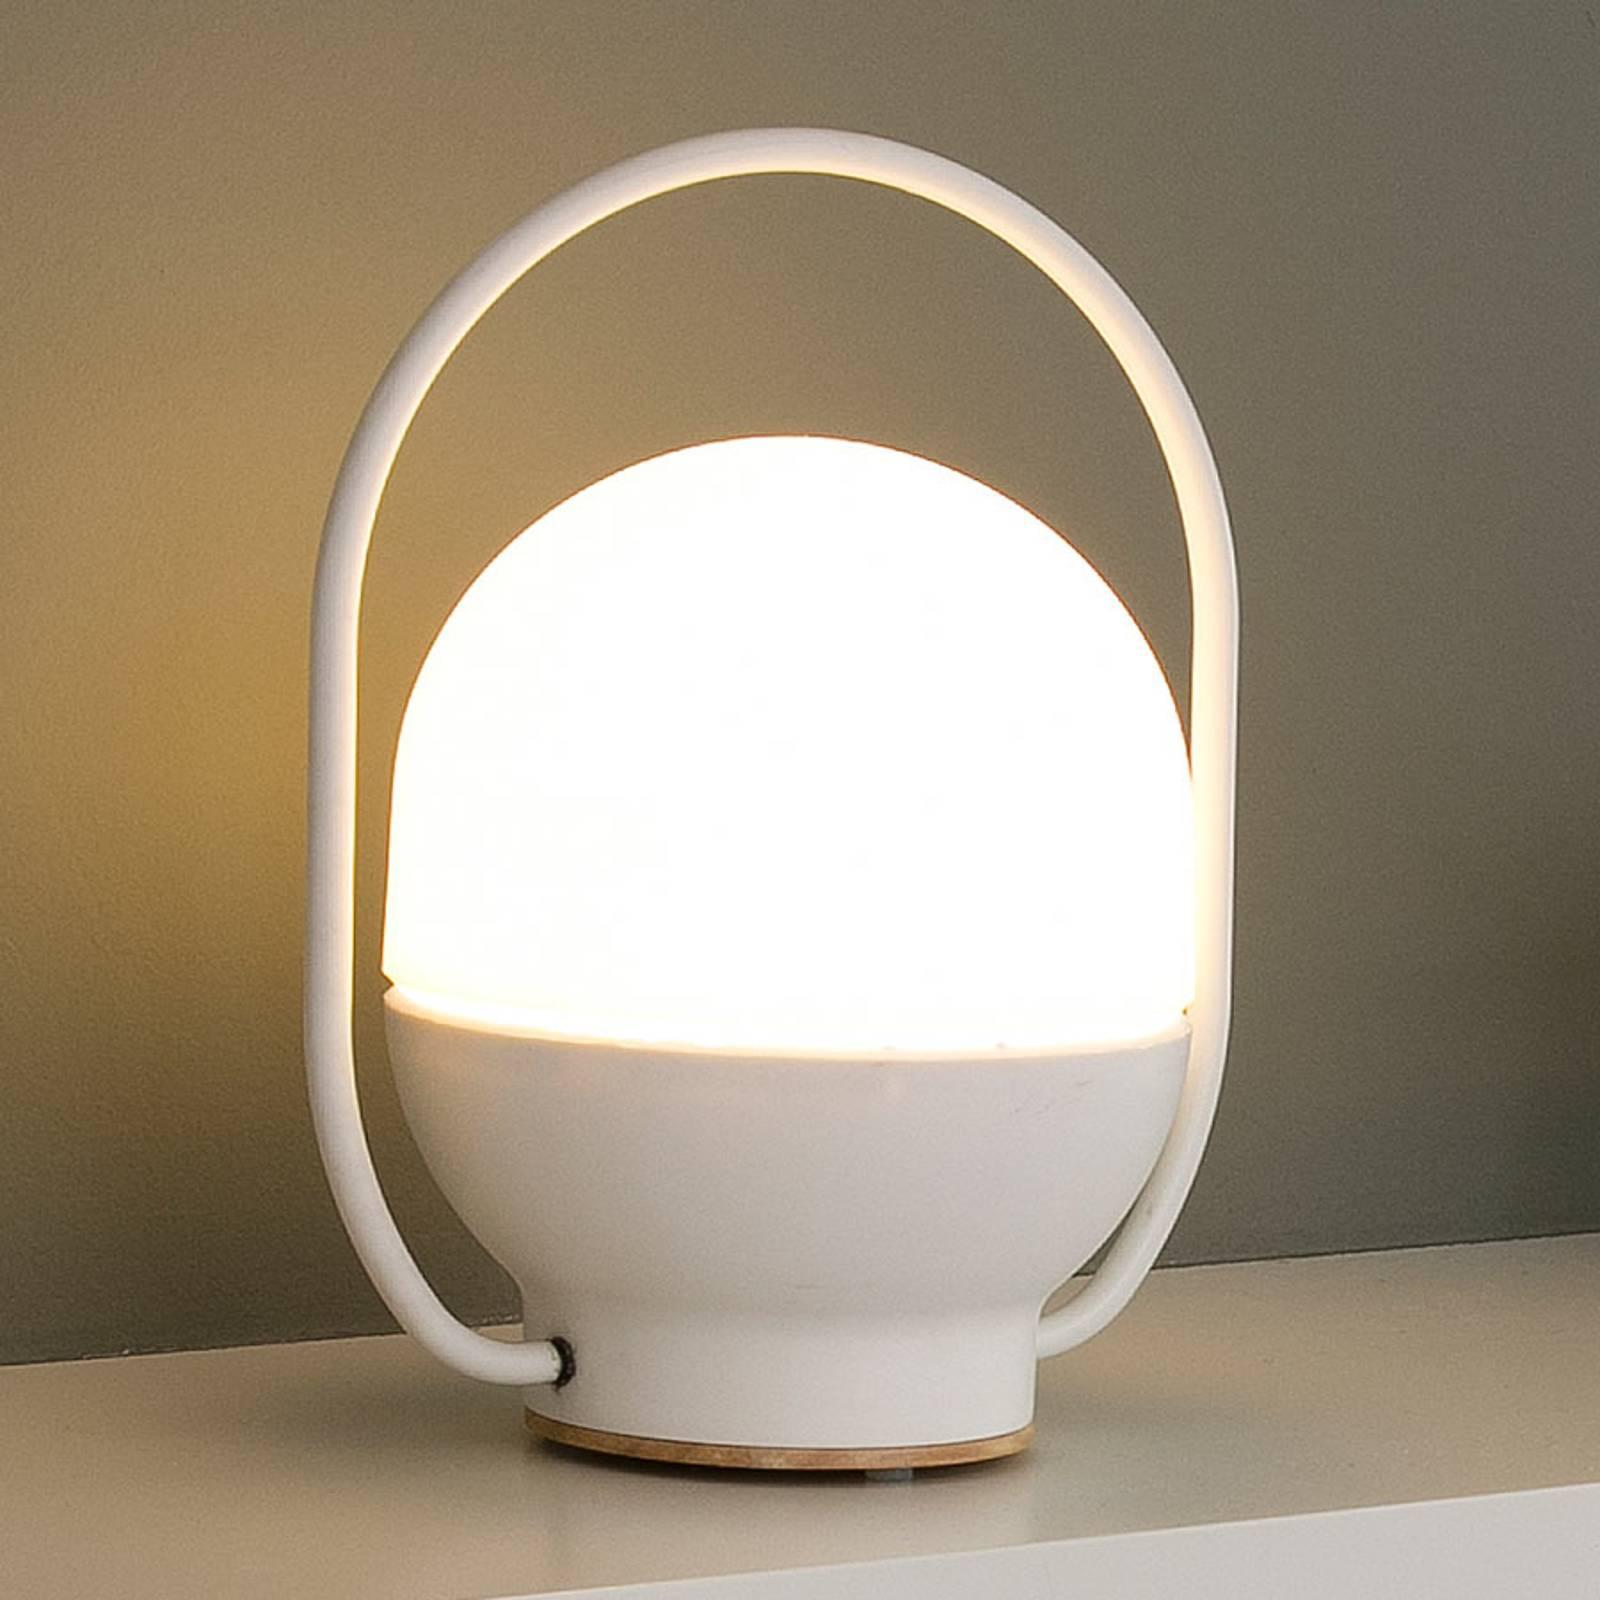 Lampe à poser LED Take away portable avec USB